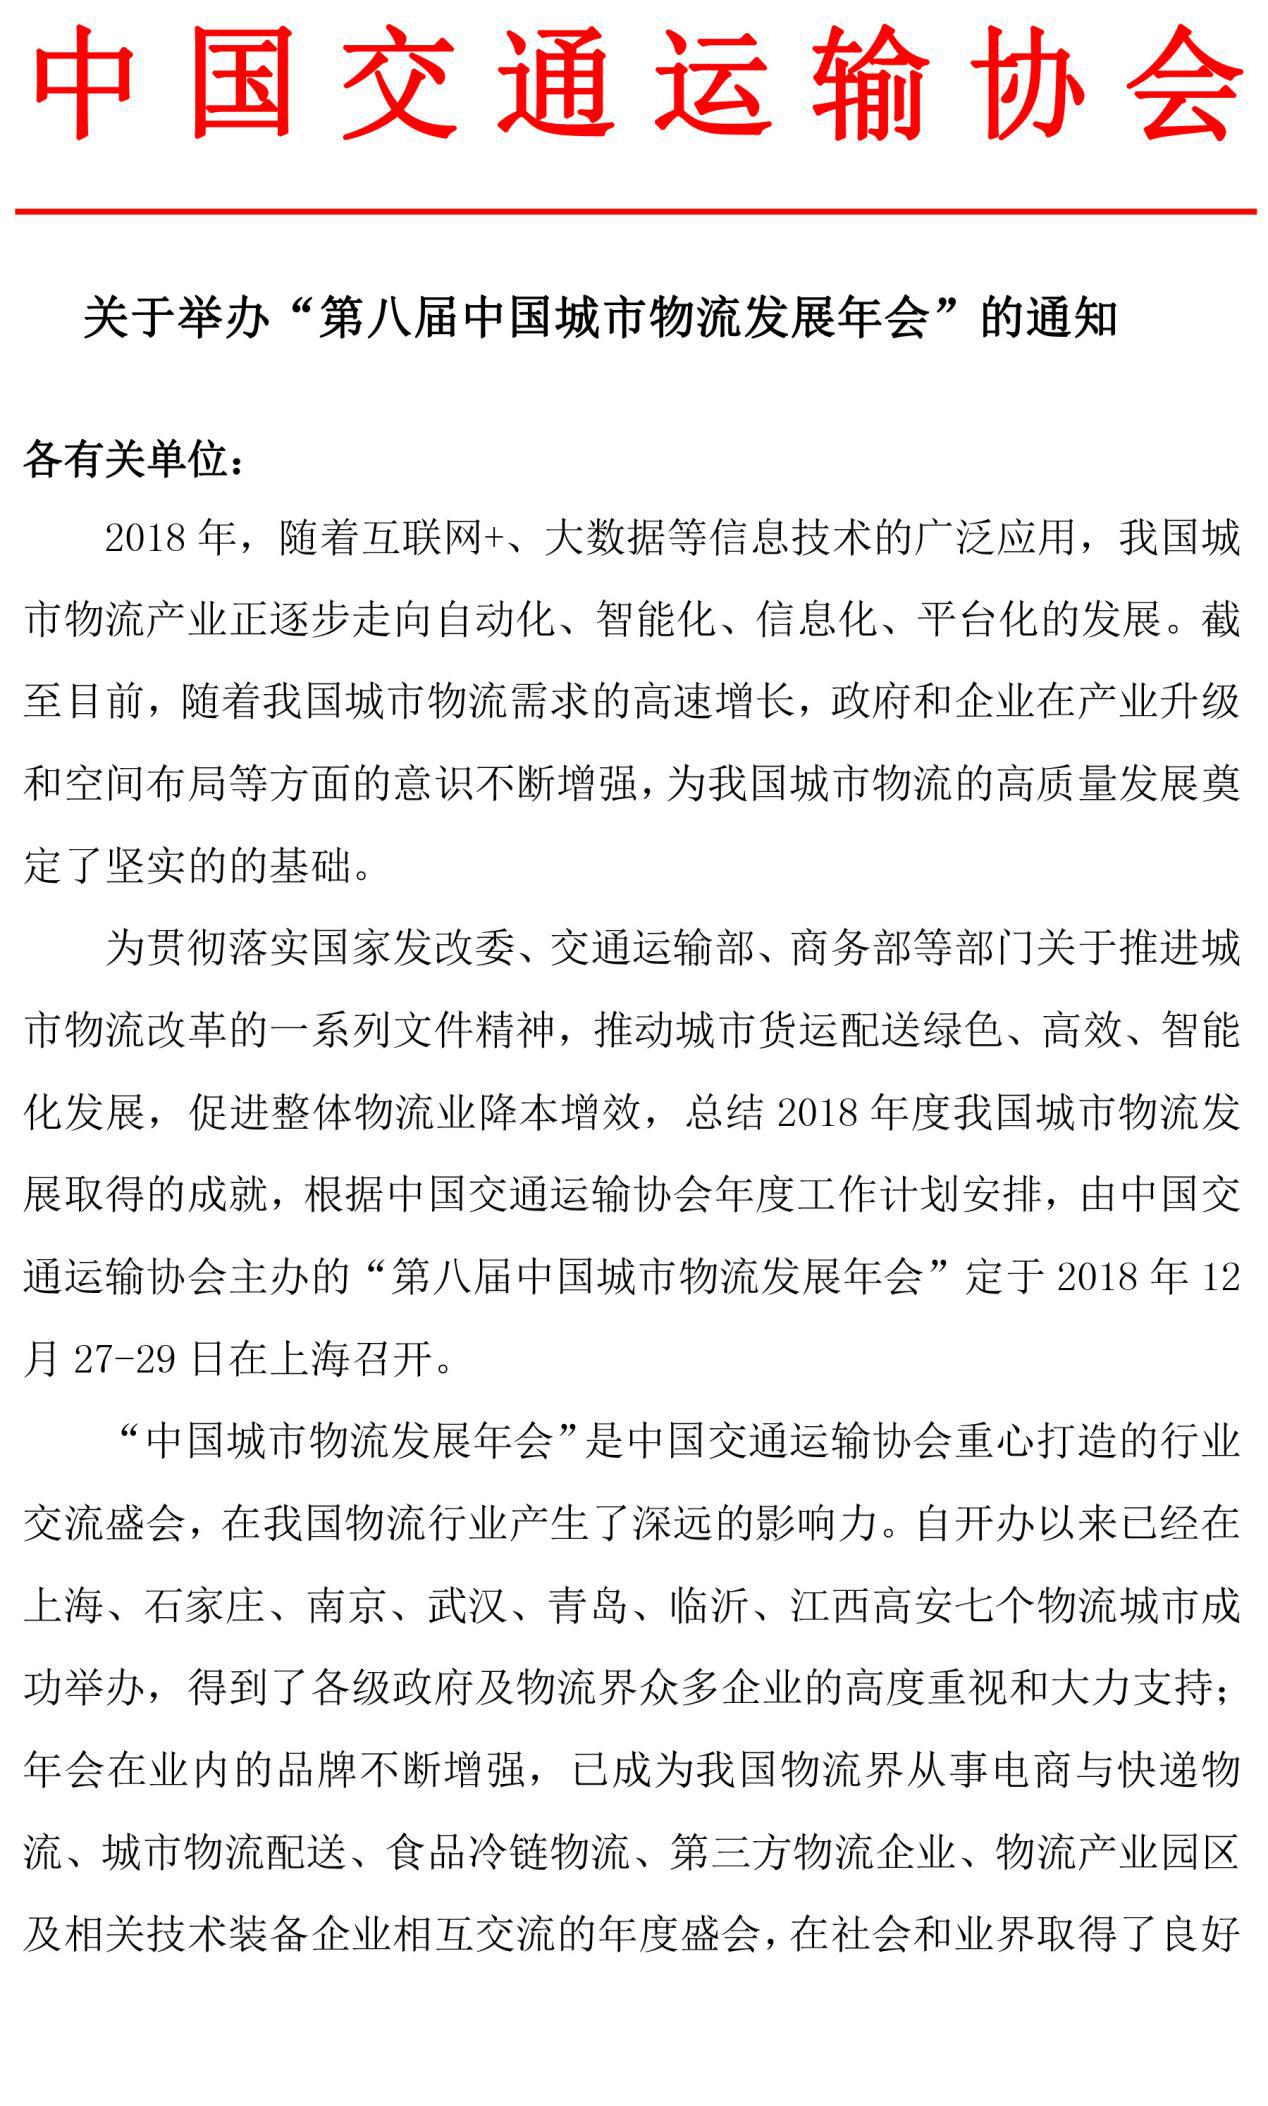 2018第八届中国城市物流发展年会通知